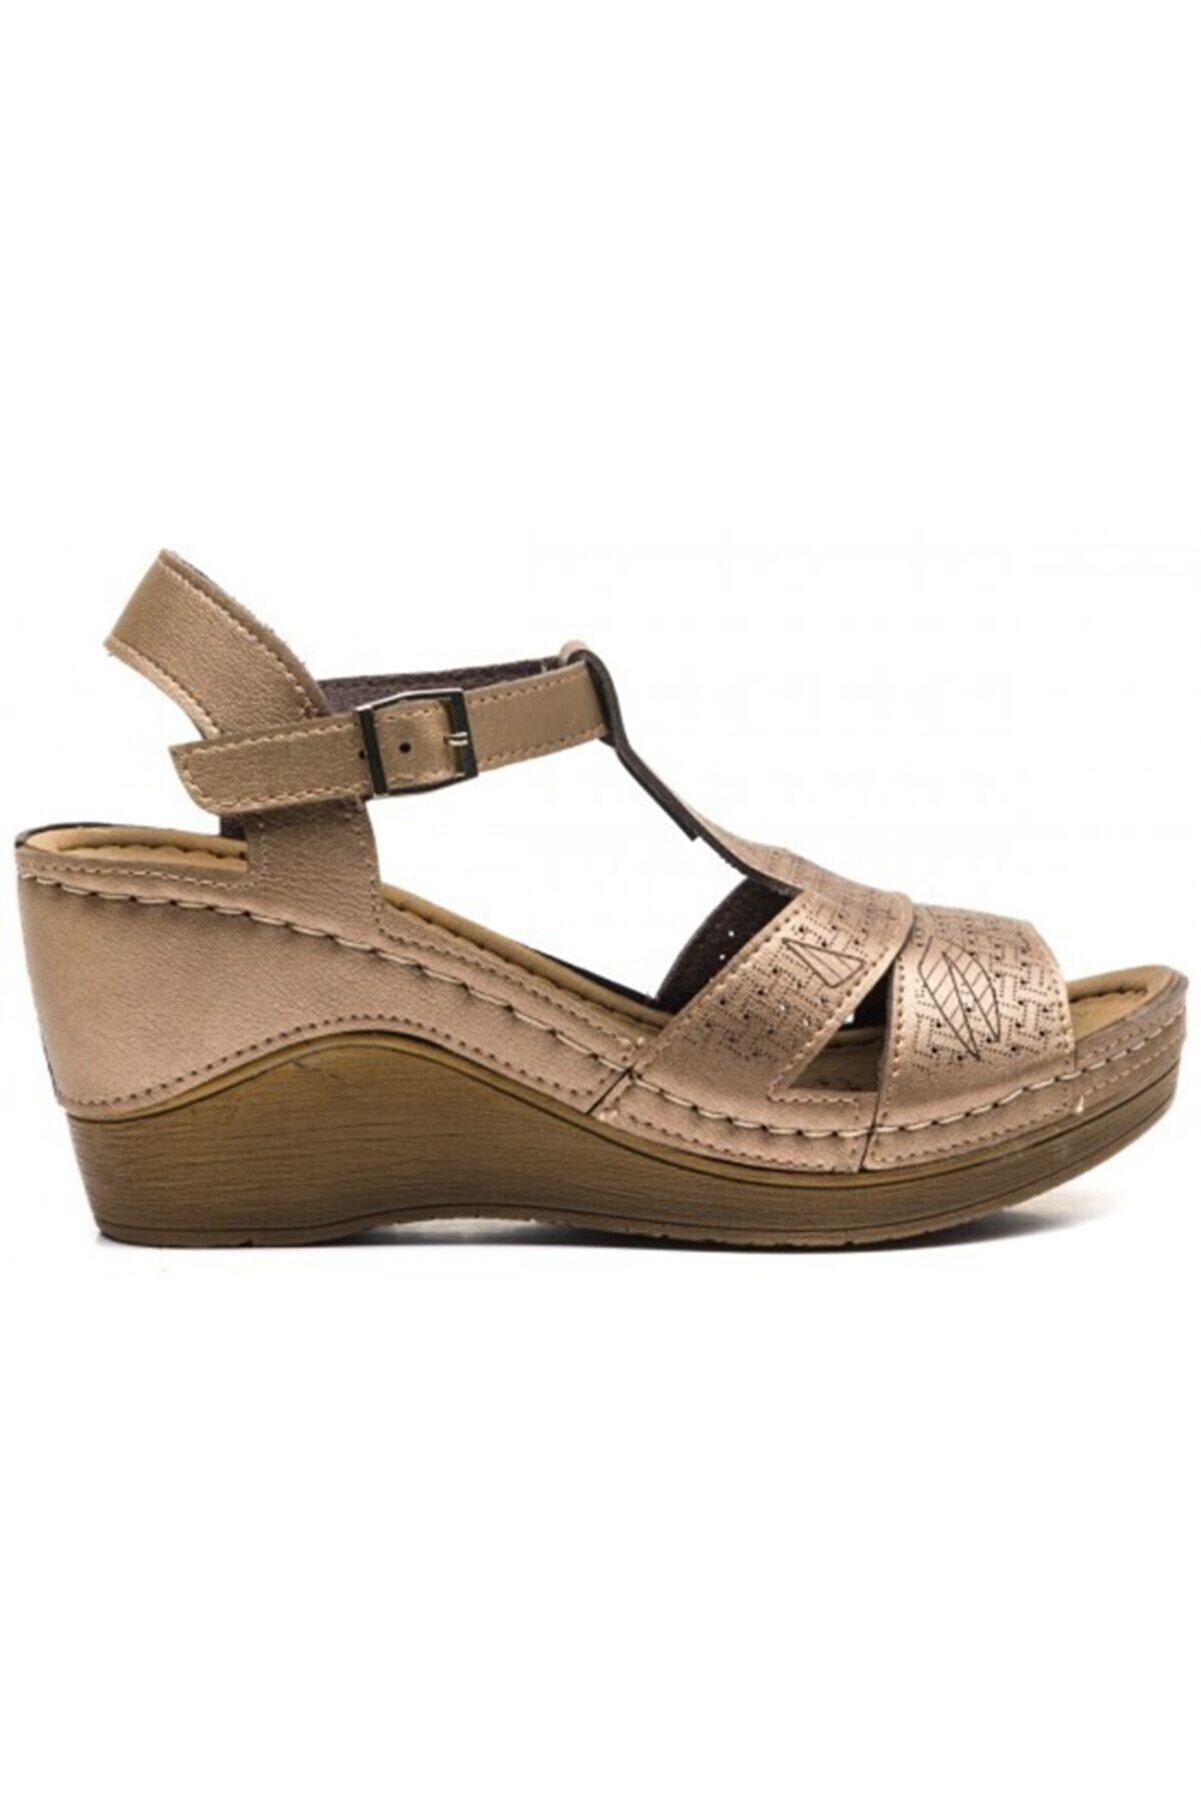 CARLA VERDE Kadın Altın Yüksek Taban Anatomik Sandalet 170605